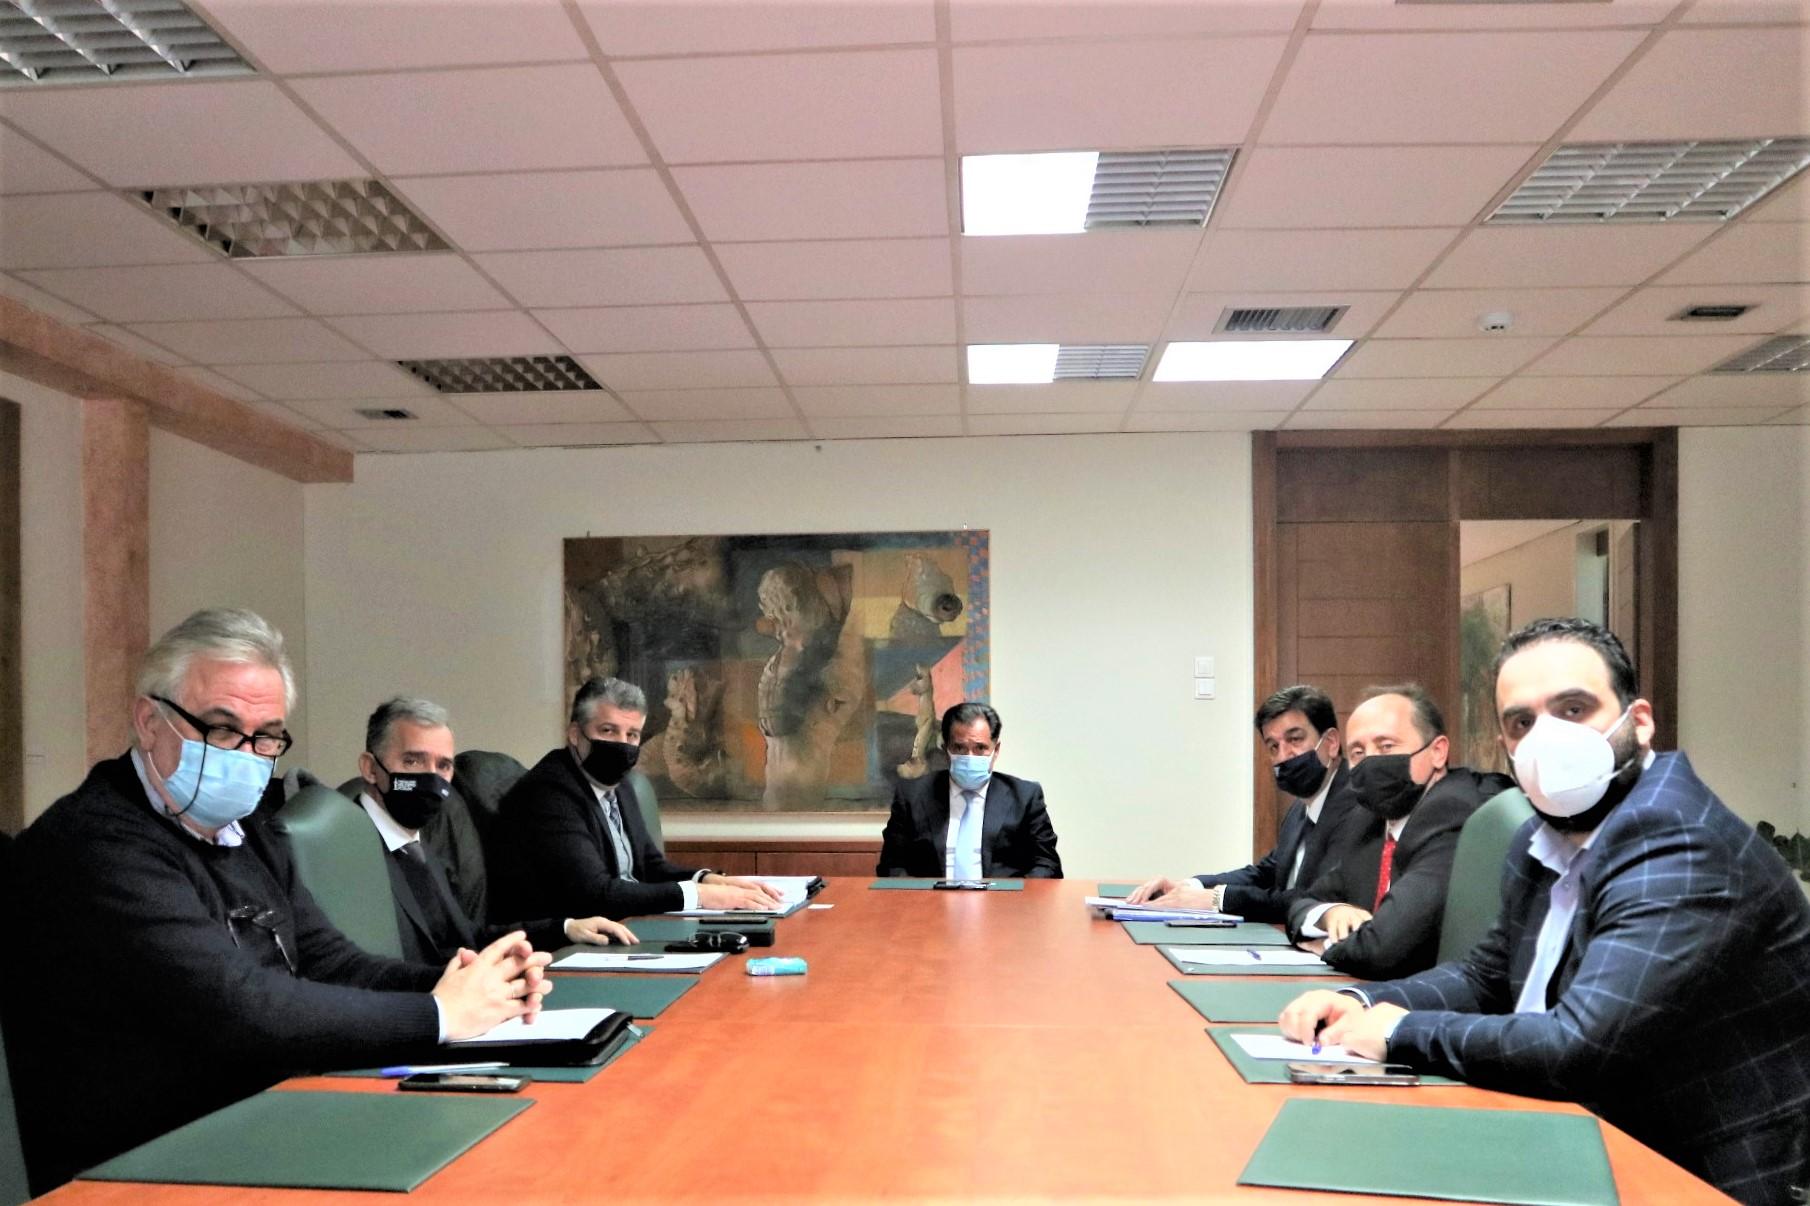 Συνάντηση Μωραΐτη με Γεωργιάδη – Τι ζήτησαν τα Επιμελητήρια